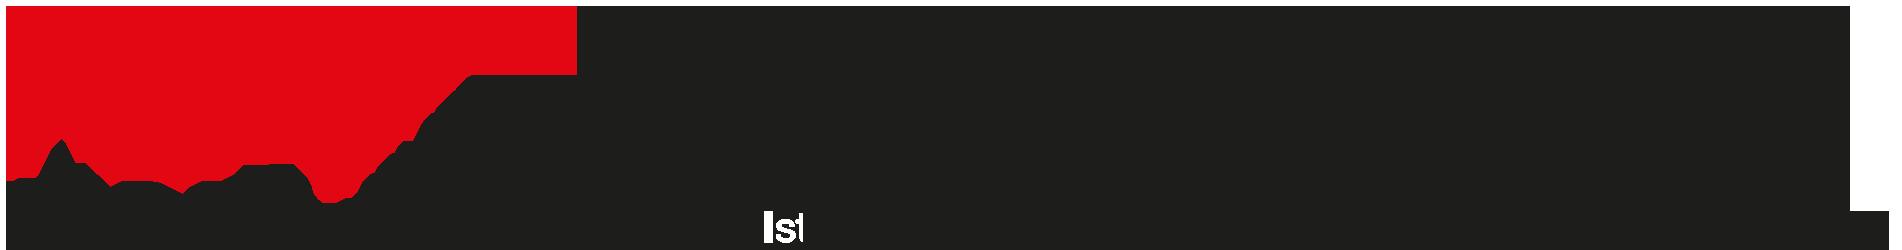 I.V.R.E.A. S.r.l. STP – Istituto per le Veriche, Revisioni ed Elaborazioni Aziendali